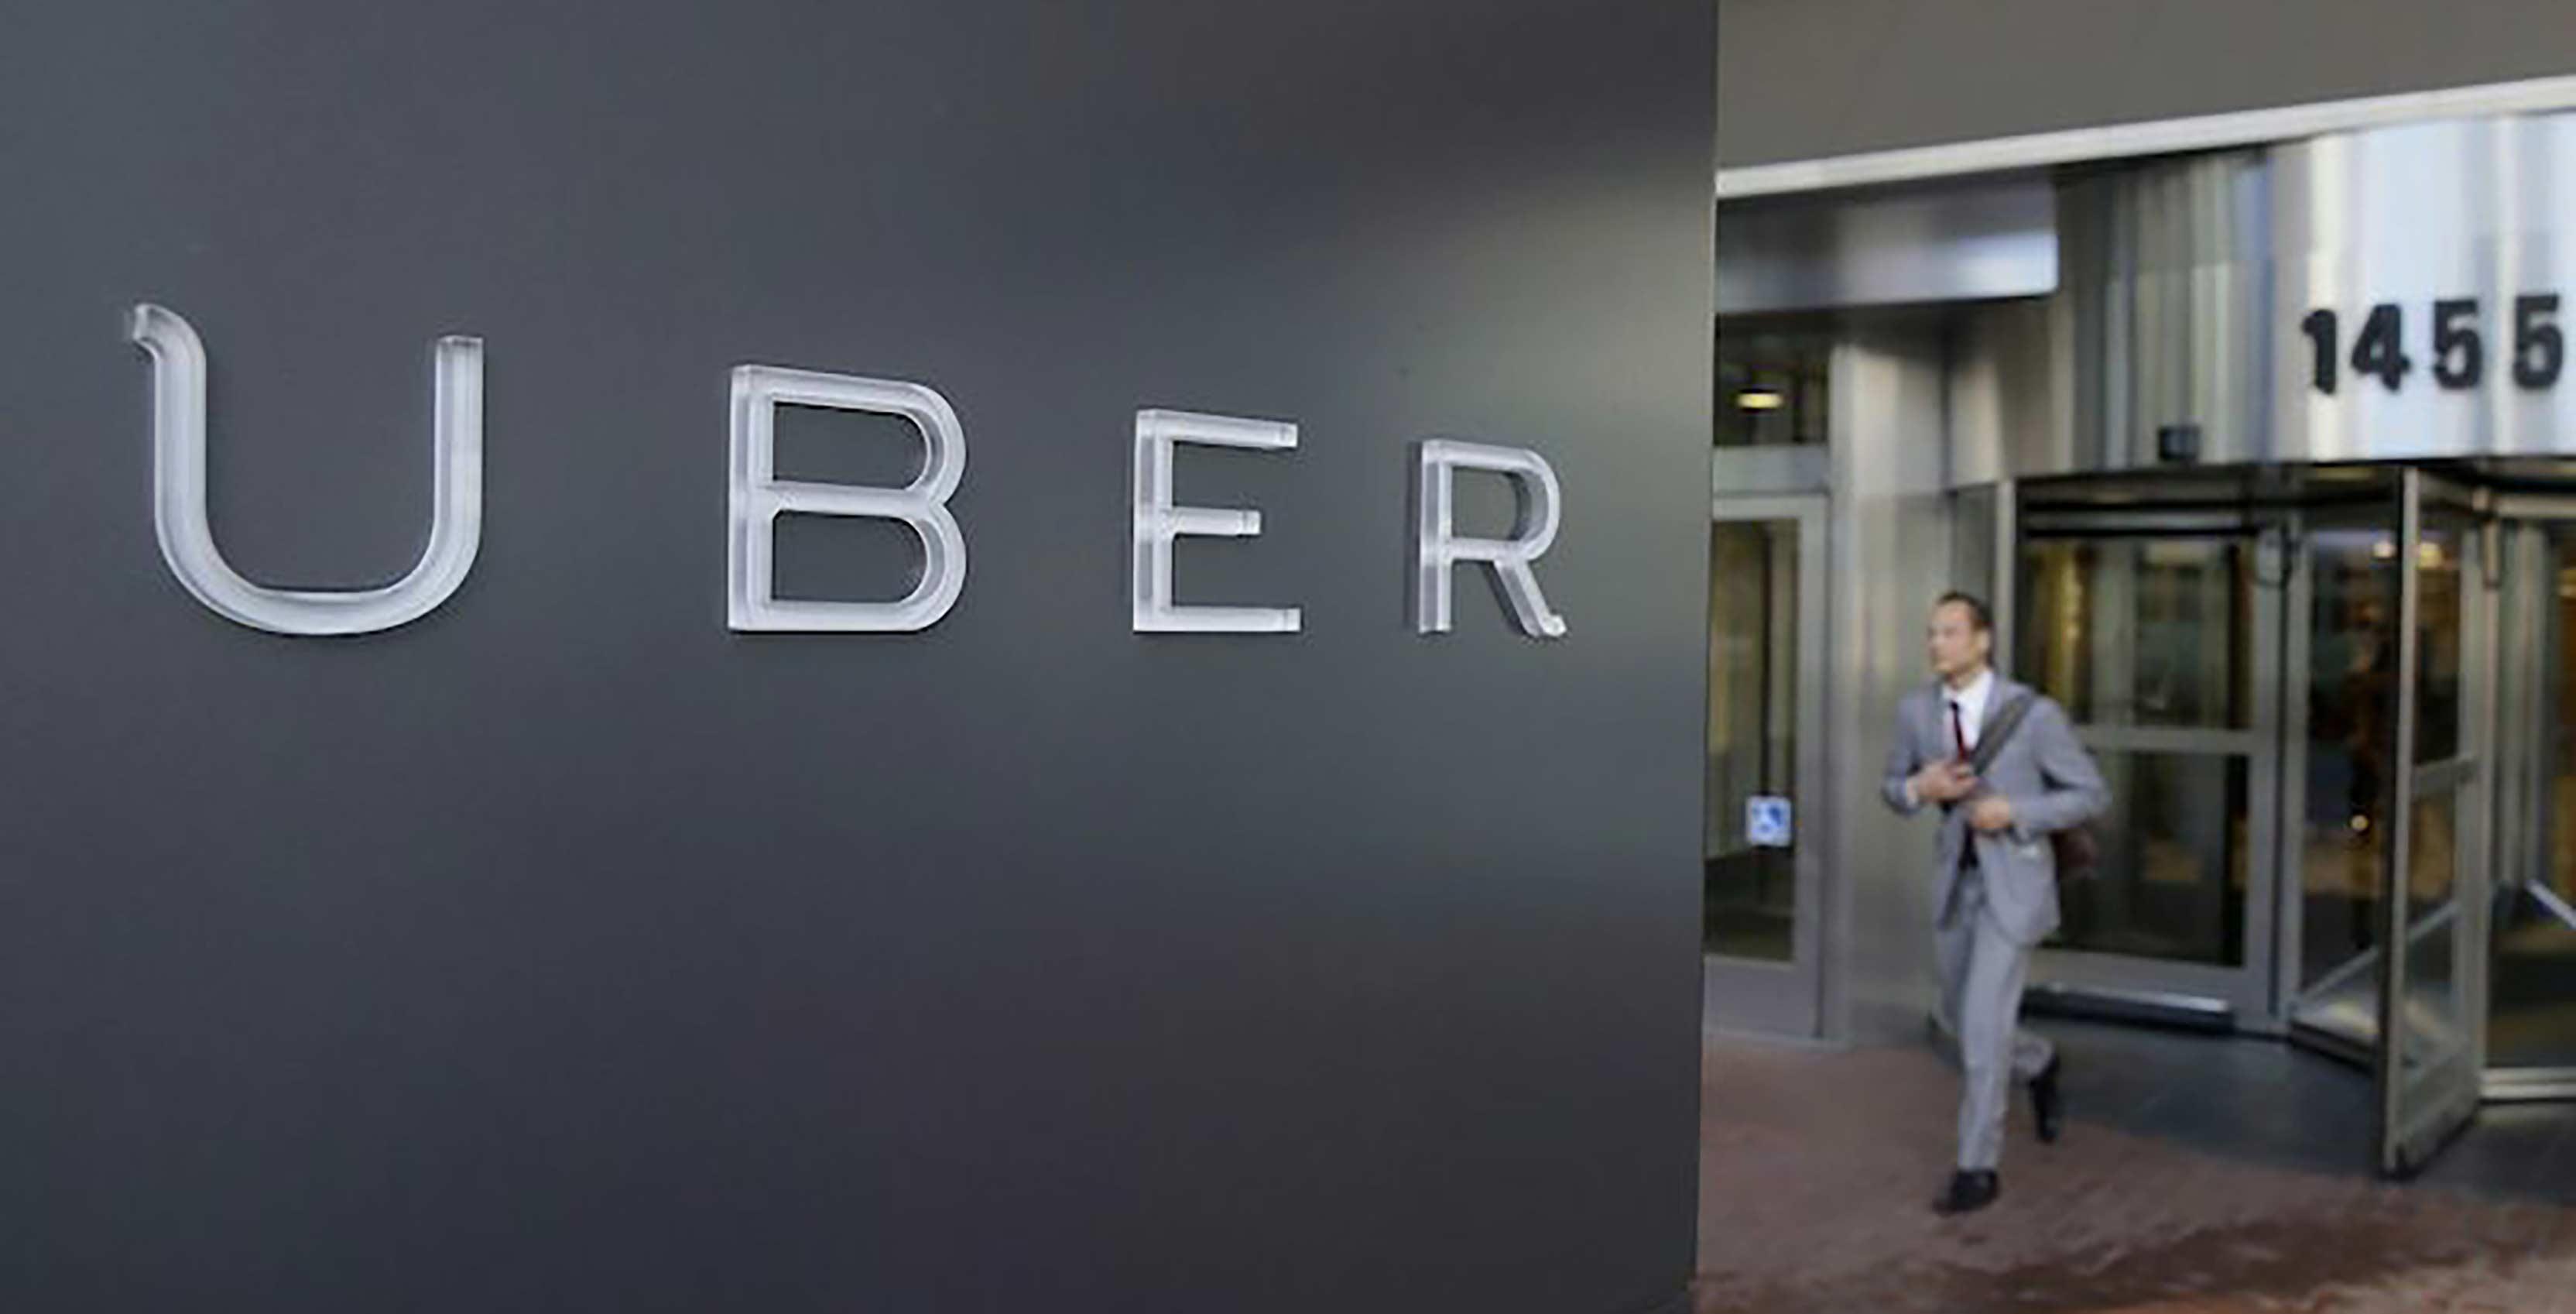 Uber logo with man